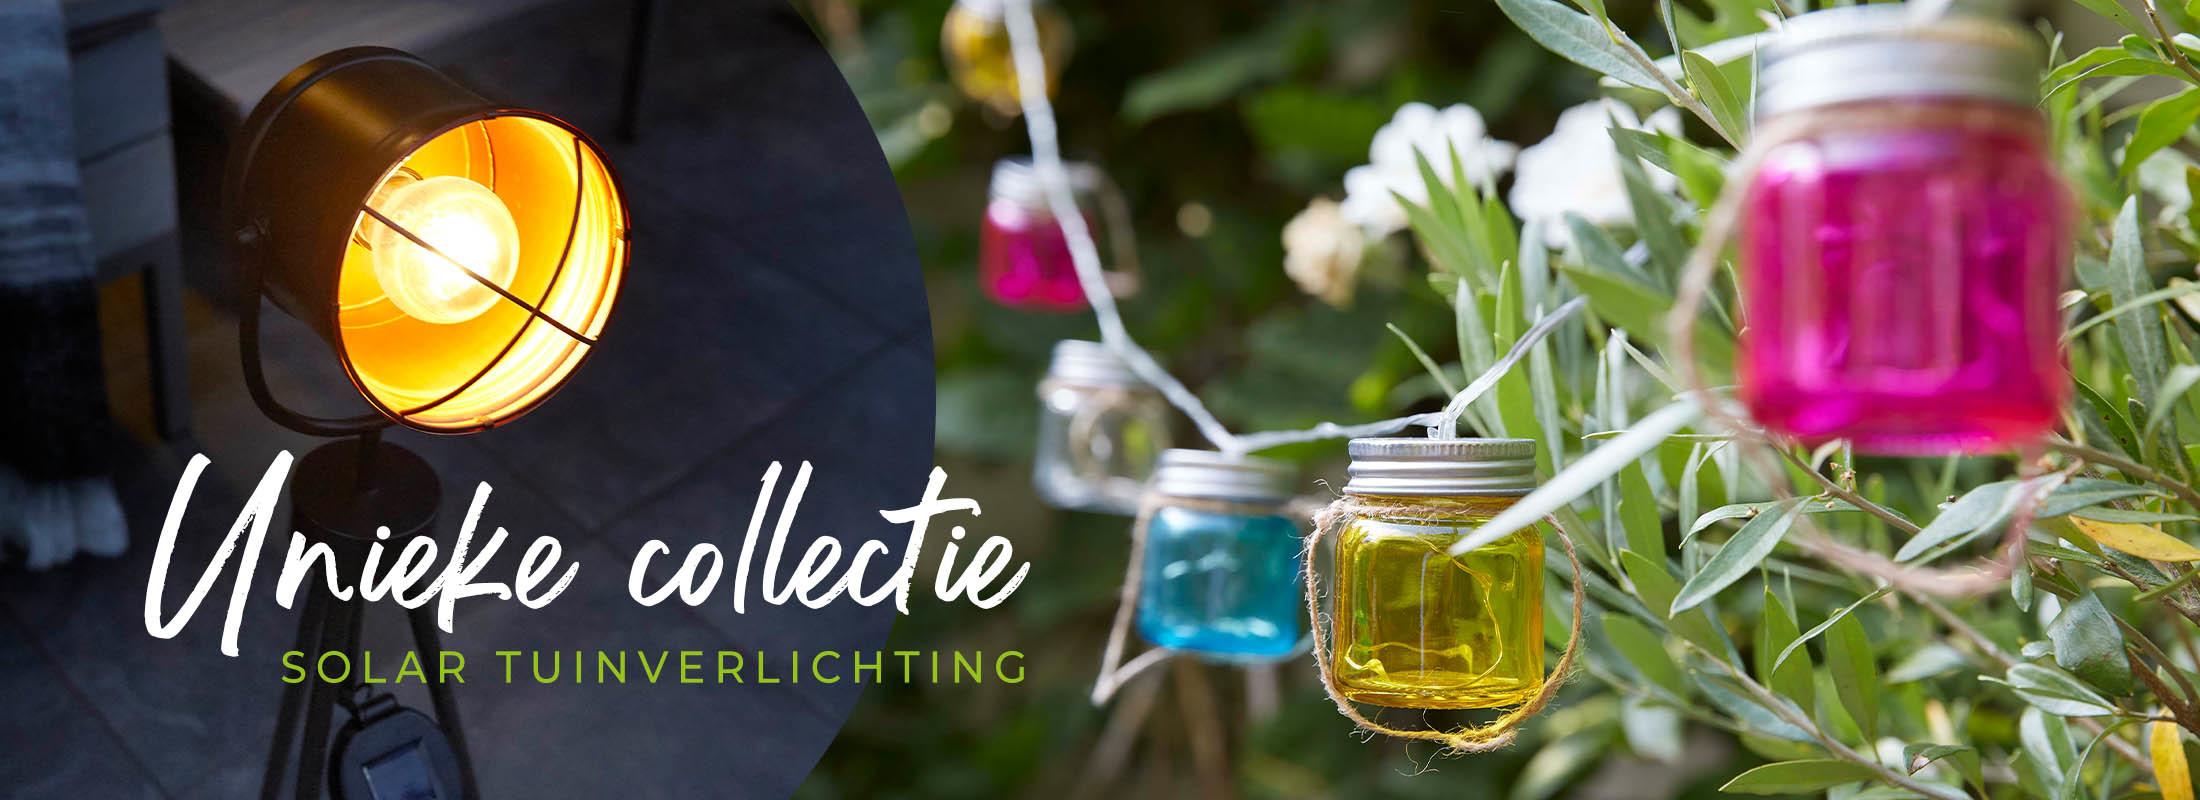 Unieke collectie solar tuinverlichting